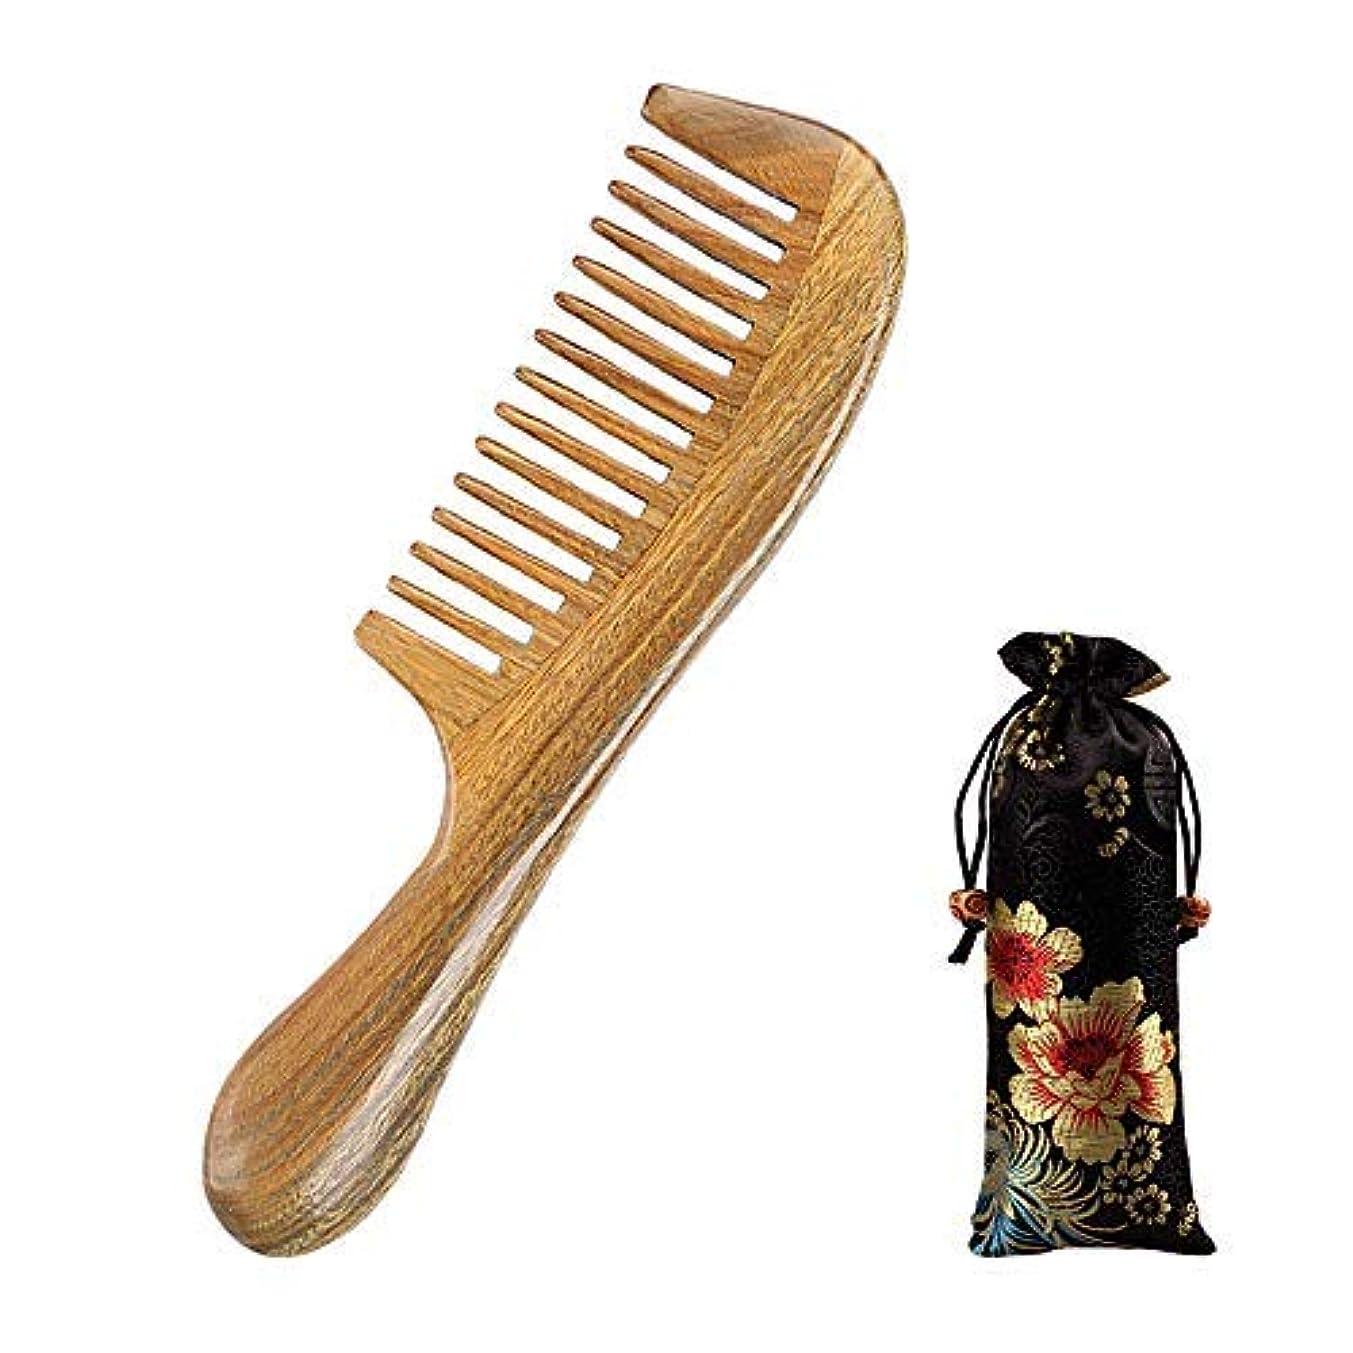 現代の洞察力のある変更可能Wood Hair Comb, B-MyDreams Natural Green Sandalwood No Static Handmade Wooden Comb [並行輸入品]